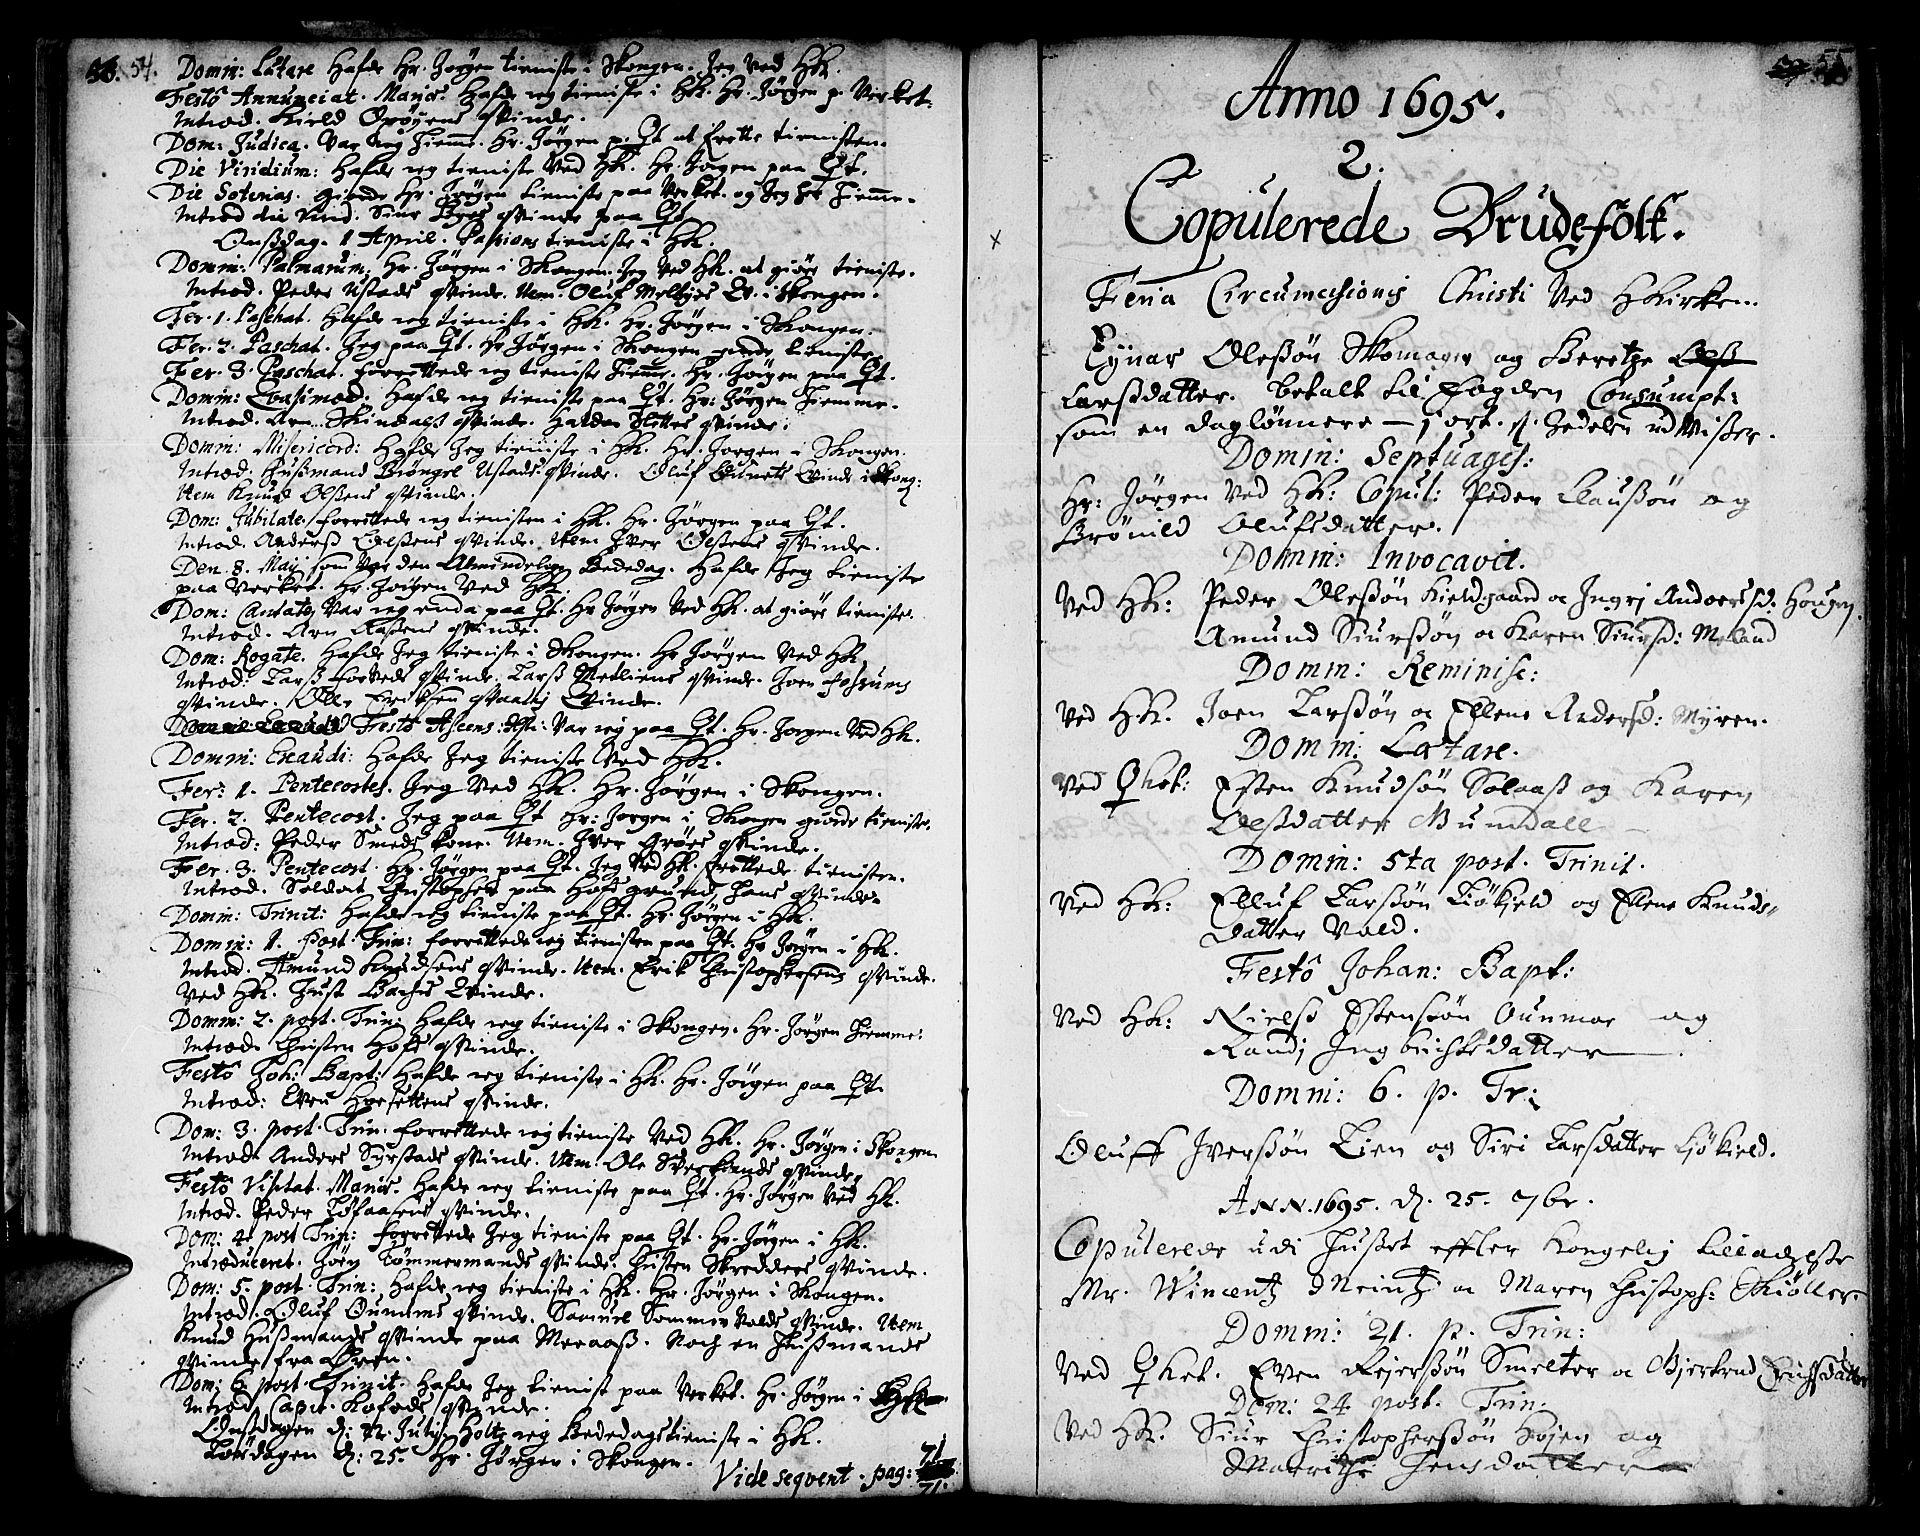 SAT, Ministerialprotokoller, klokkerbøker og fødselsregistre - Sør-Trøndelag, 668/L0801: Ministerialbok nr. 668A01, 1695-1716, s. 54-55